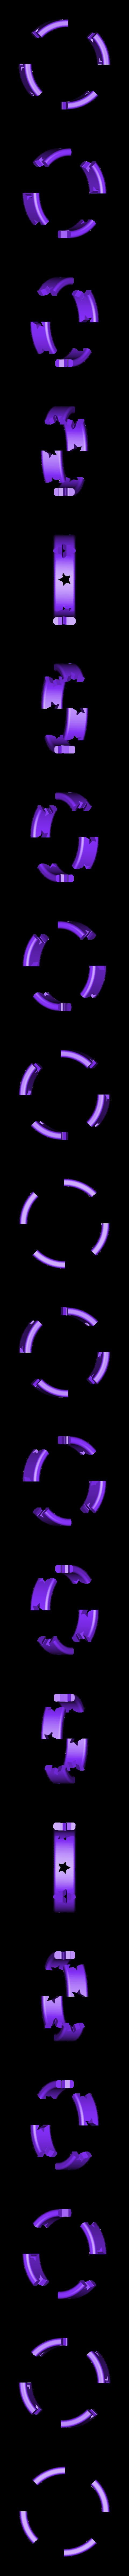 Ring1.STL Télécharger fichier STL gratuit Bracelet étoile - Diamond Hotend • Design imprimable en 3D, Balkhagal4D